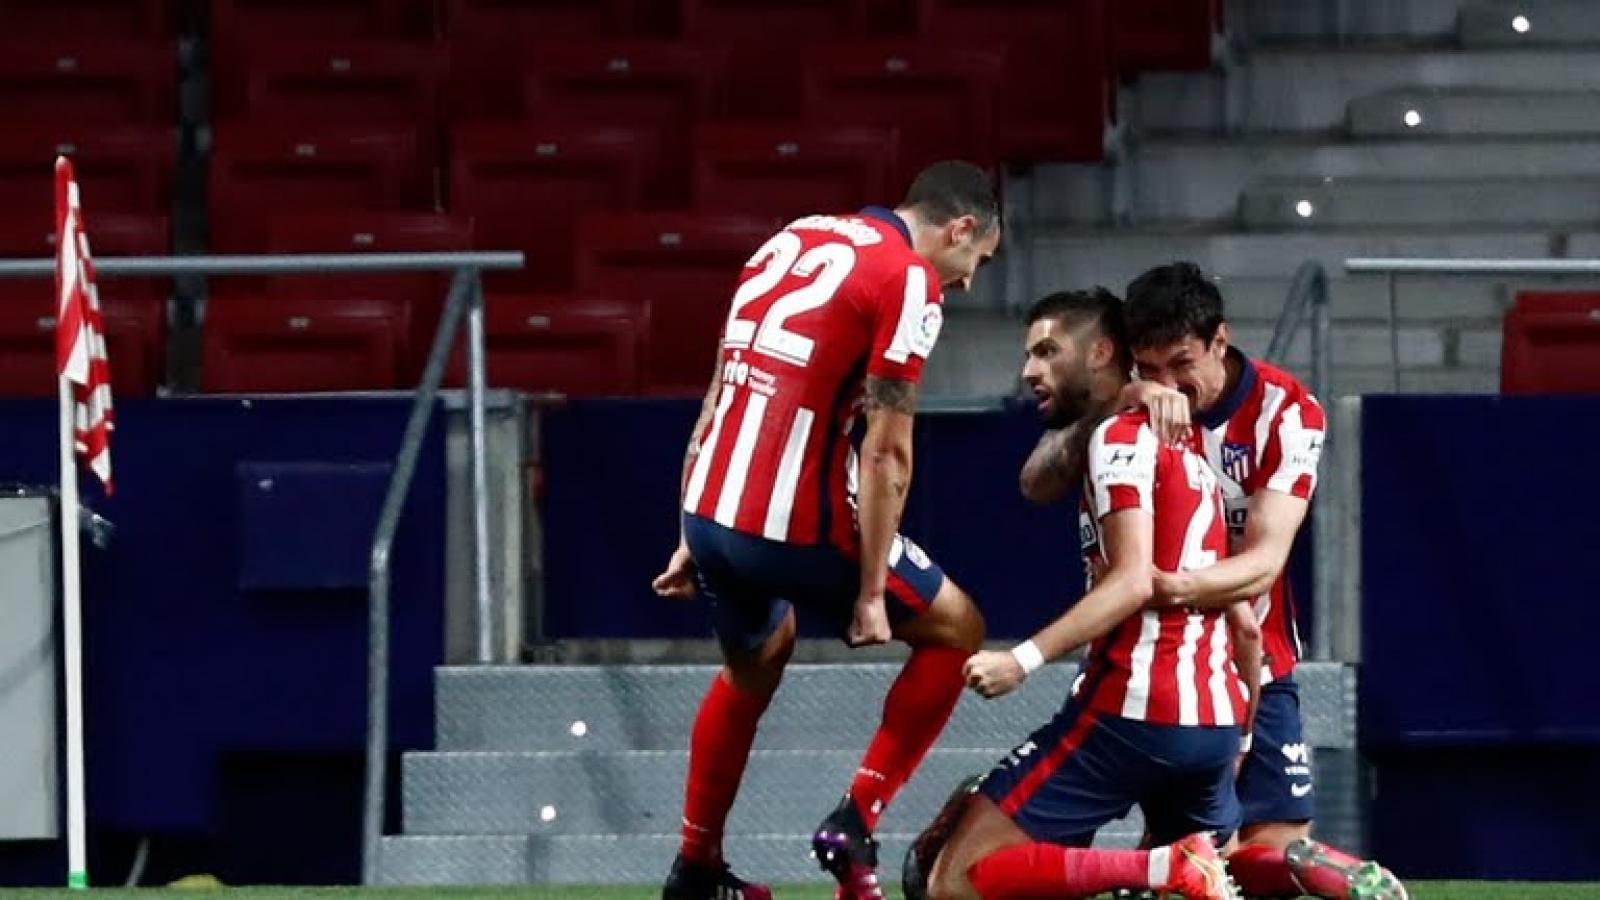 Đánh bại Real Sociedad, Atletico Madrid chạm tay vào chức vô địch La Liga